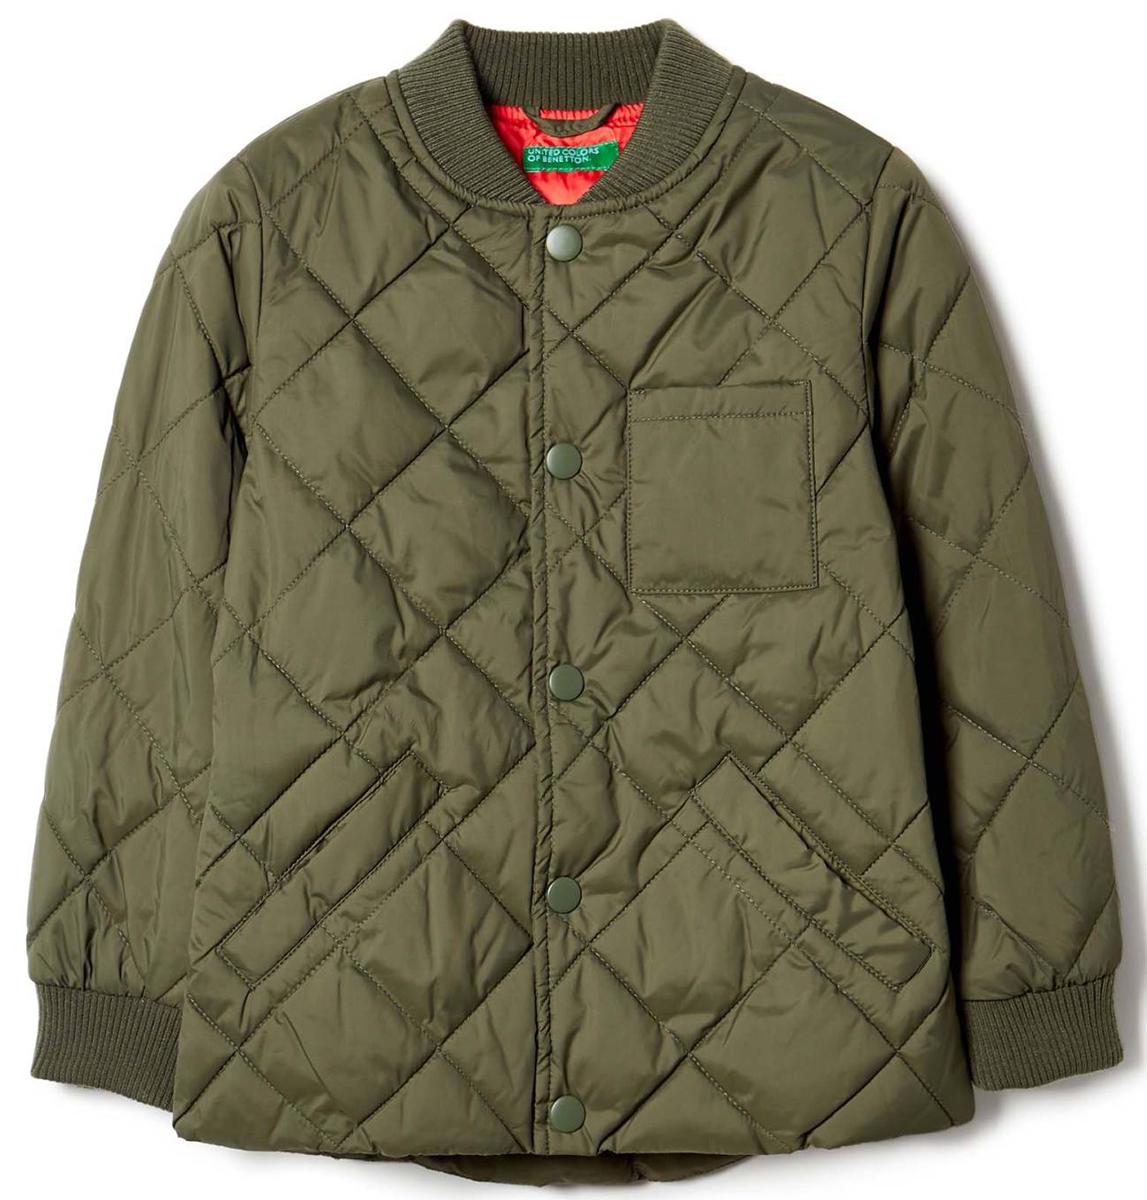 Куртка для мальчика United Colors of Benetton, цвет: зеленый. 2WU053A90_12G. Размер 1202WU053A90_12GКуртка для мальчика United Colors of Benetton выполнена из полиэстера. Модель с длинными рукавами застегивается на кнопки.